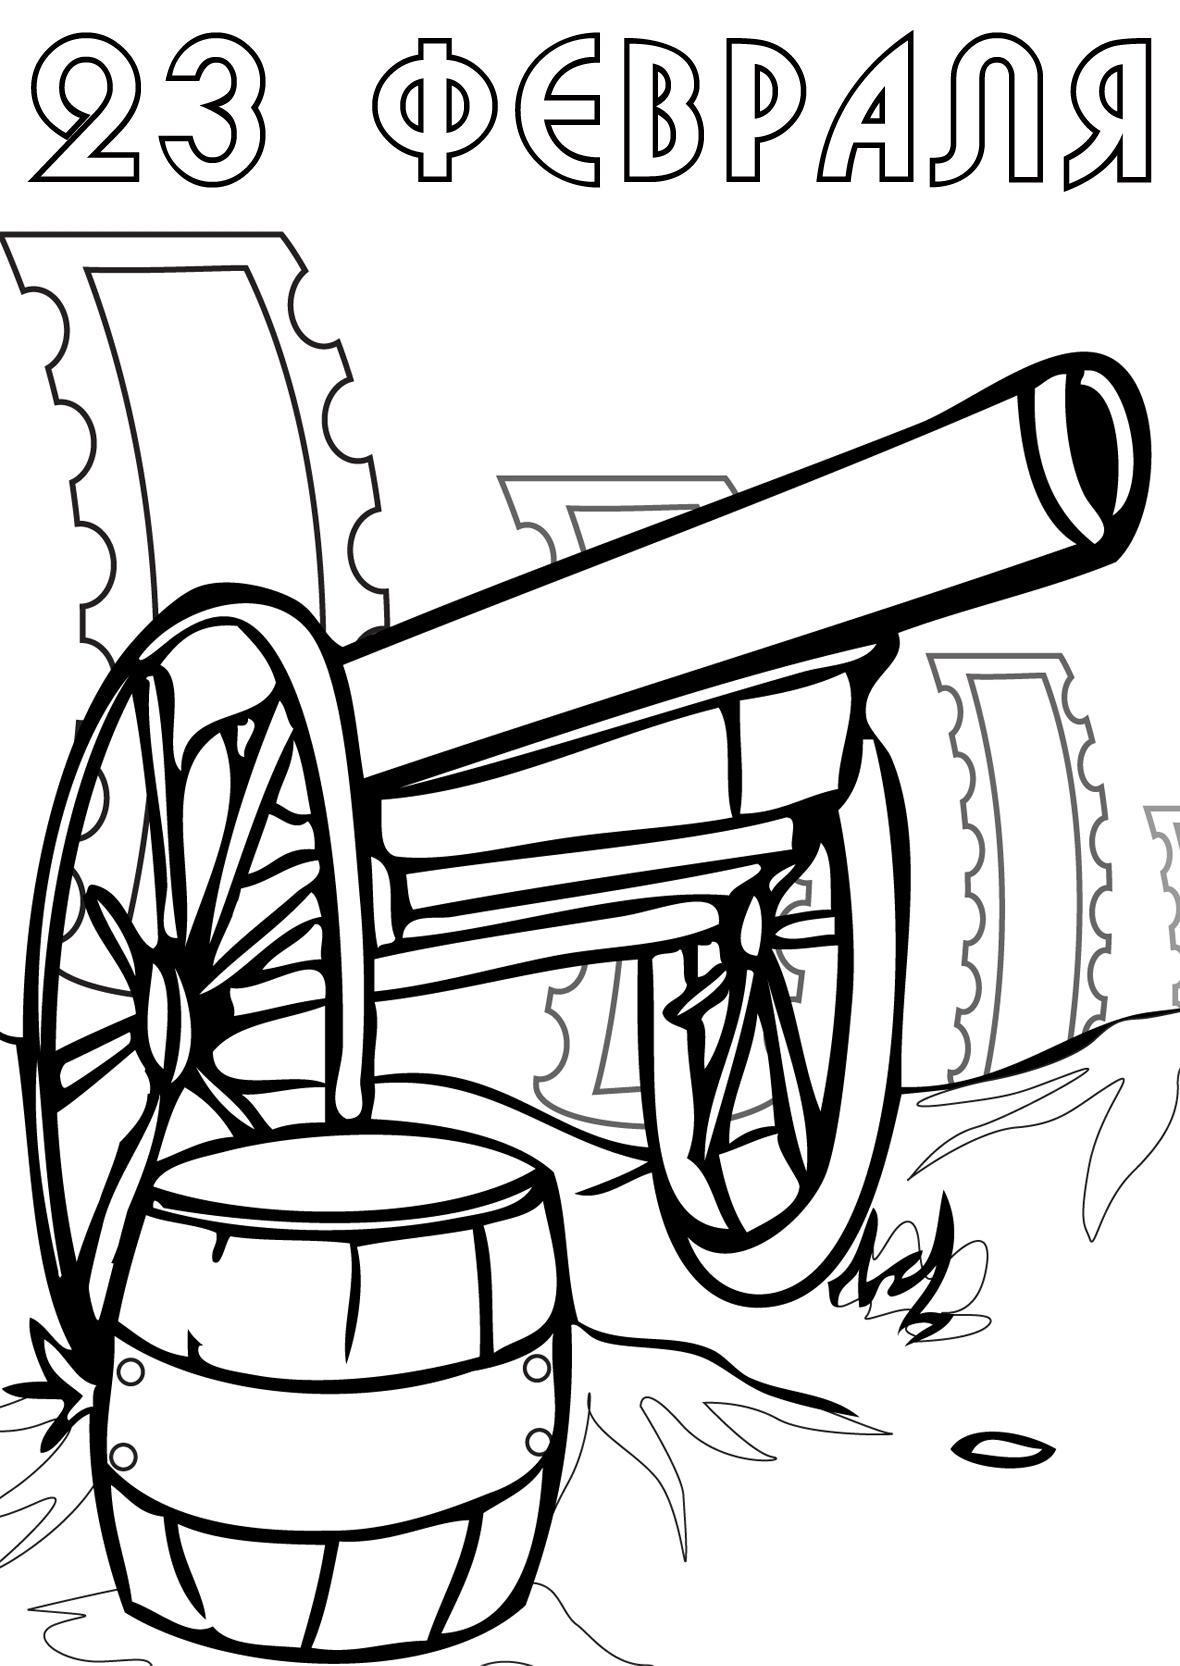 раскраска военная тема на 23 февраля пушка пушка